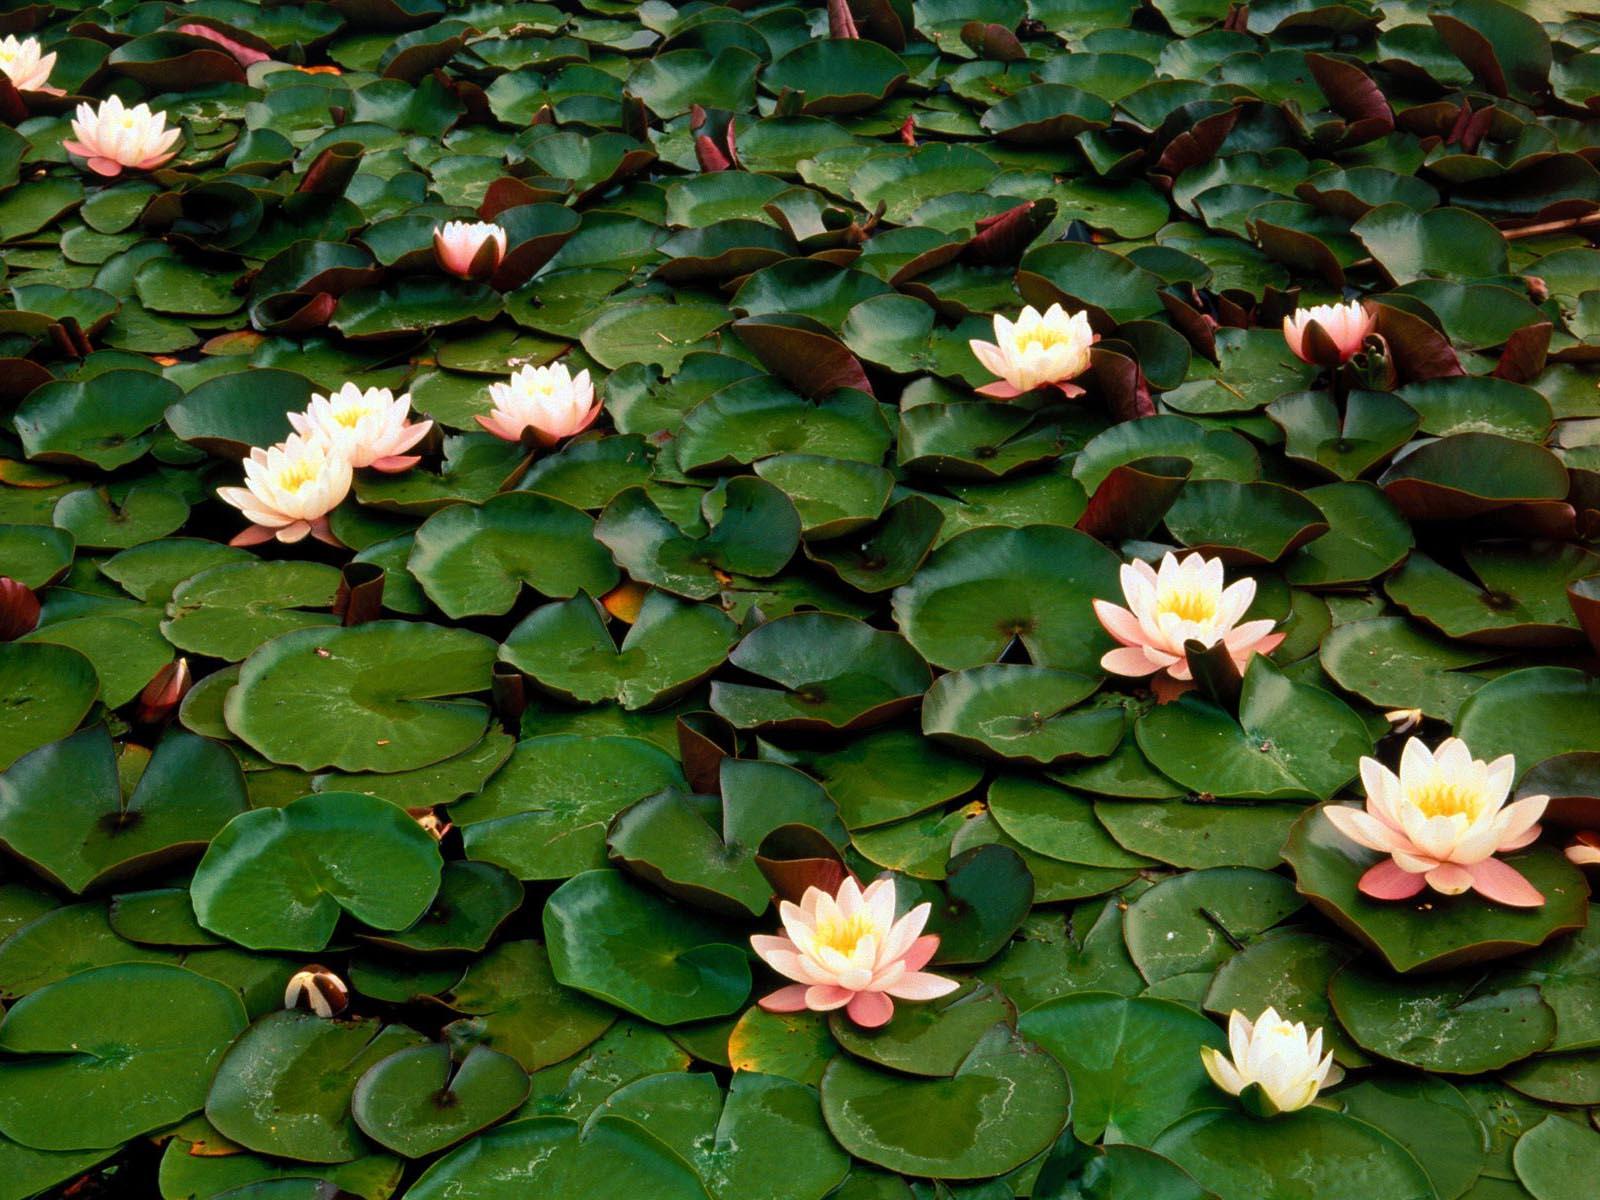 water flowers - HD Desktop Wallpapers | 4k HD